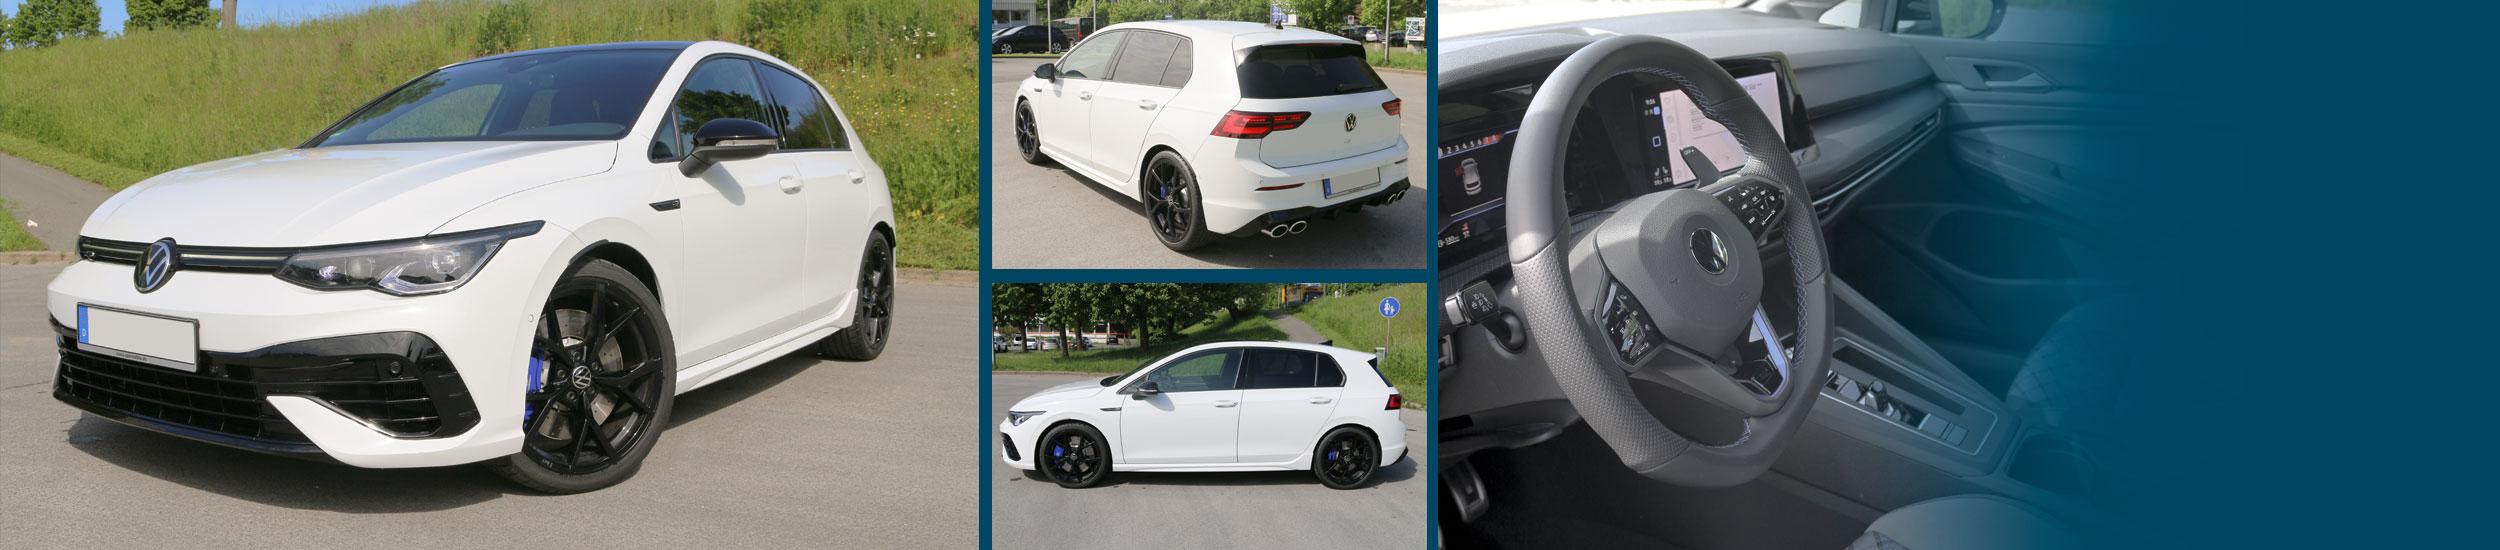 Sparmobile-VW-Golf-R_Neu-2021-Neu